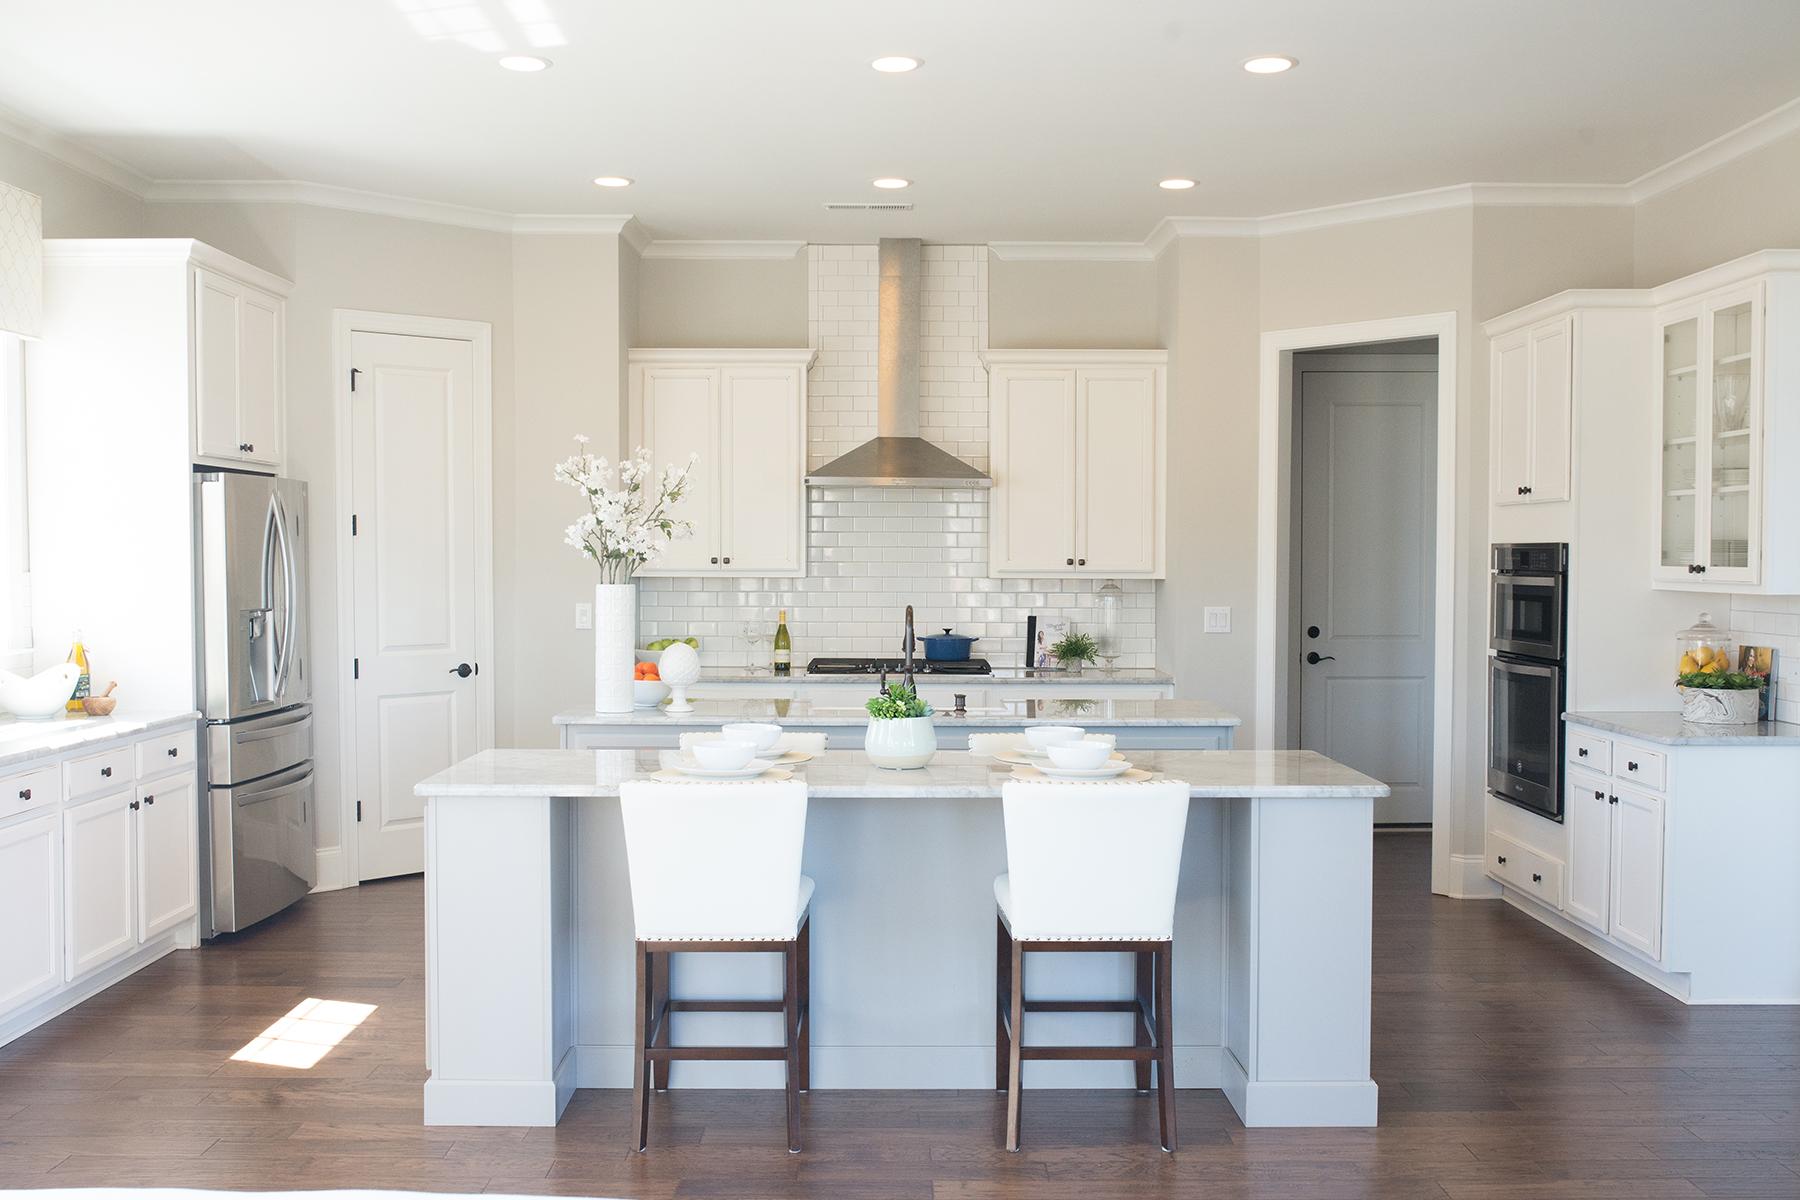 Single Family Homes pour l Vente à HABERSHAM 2116 Stratton Fort Mill, Caroline du Sud 29708 États-Unis